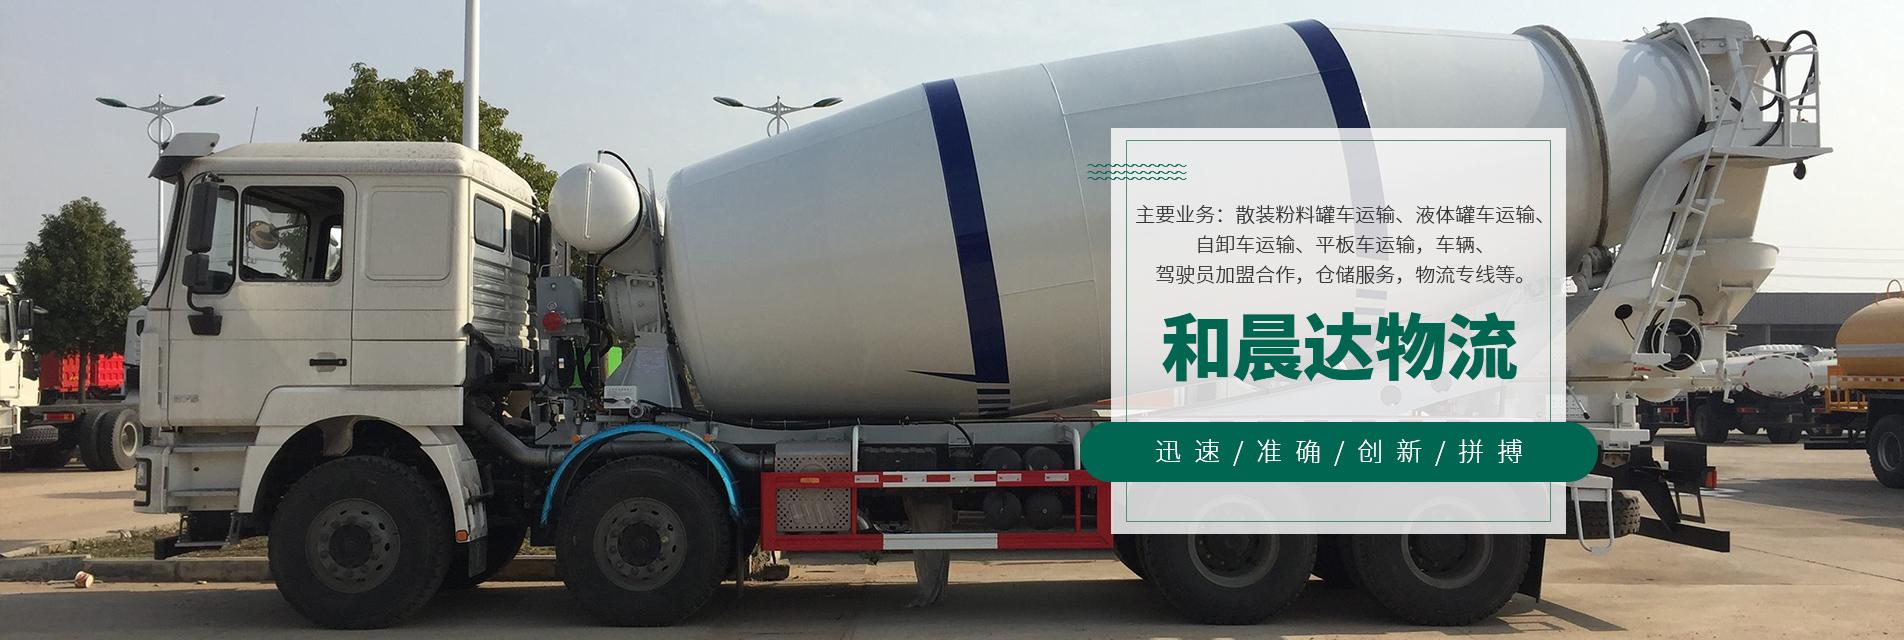 重慶罐車運輸公司